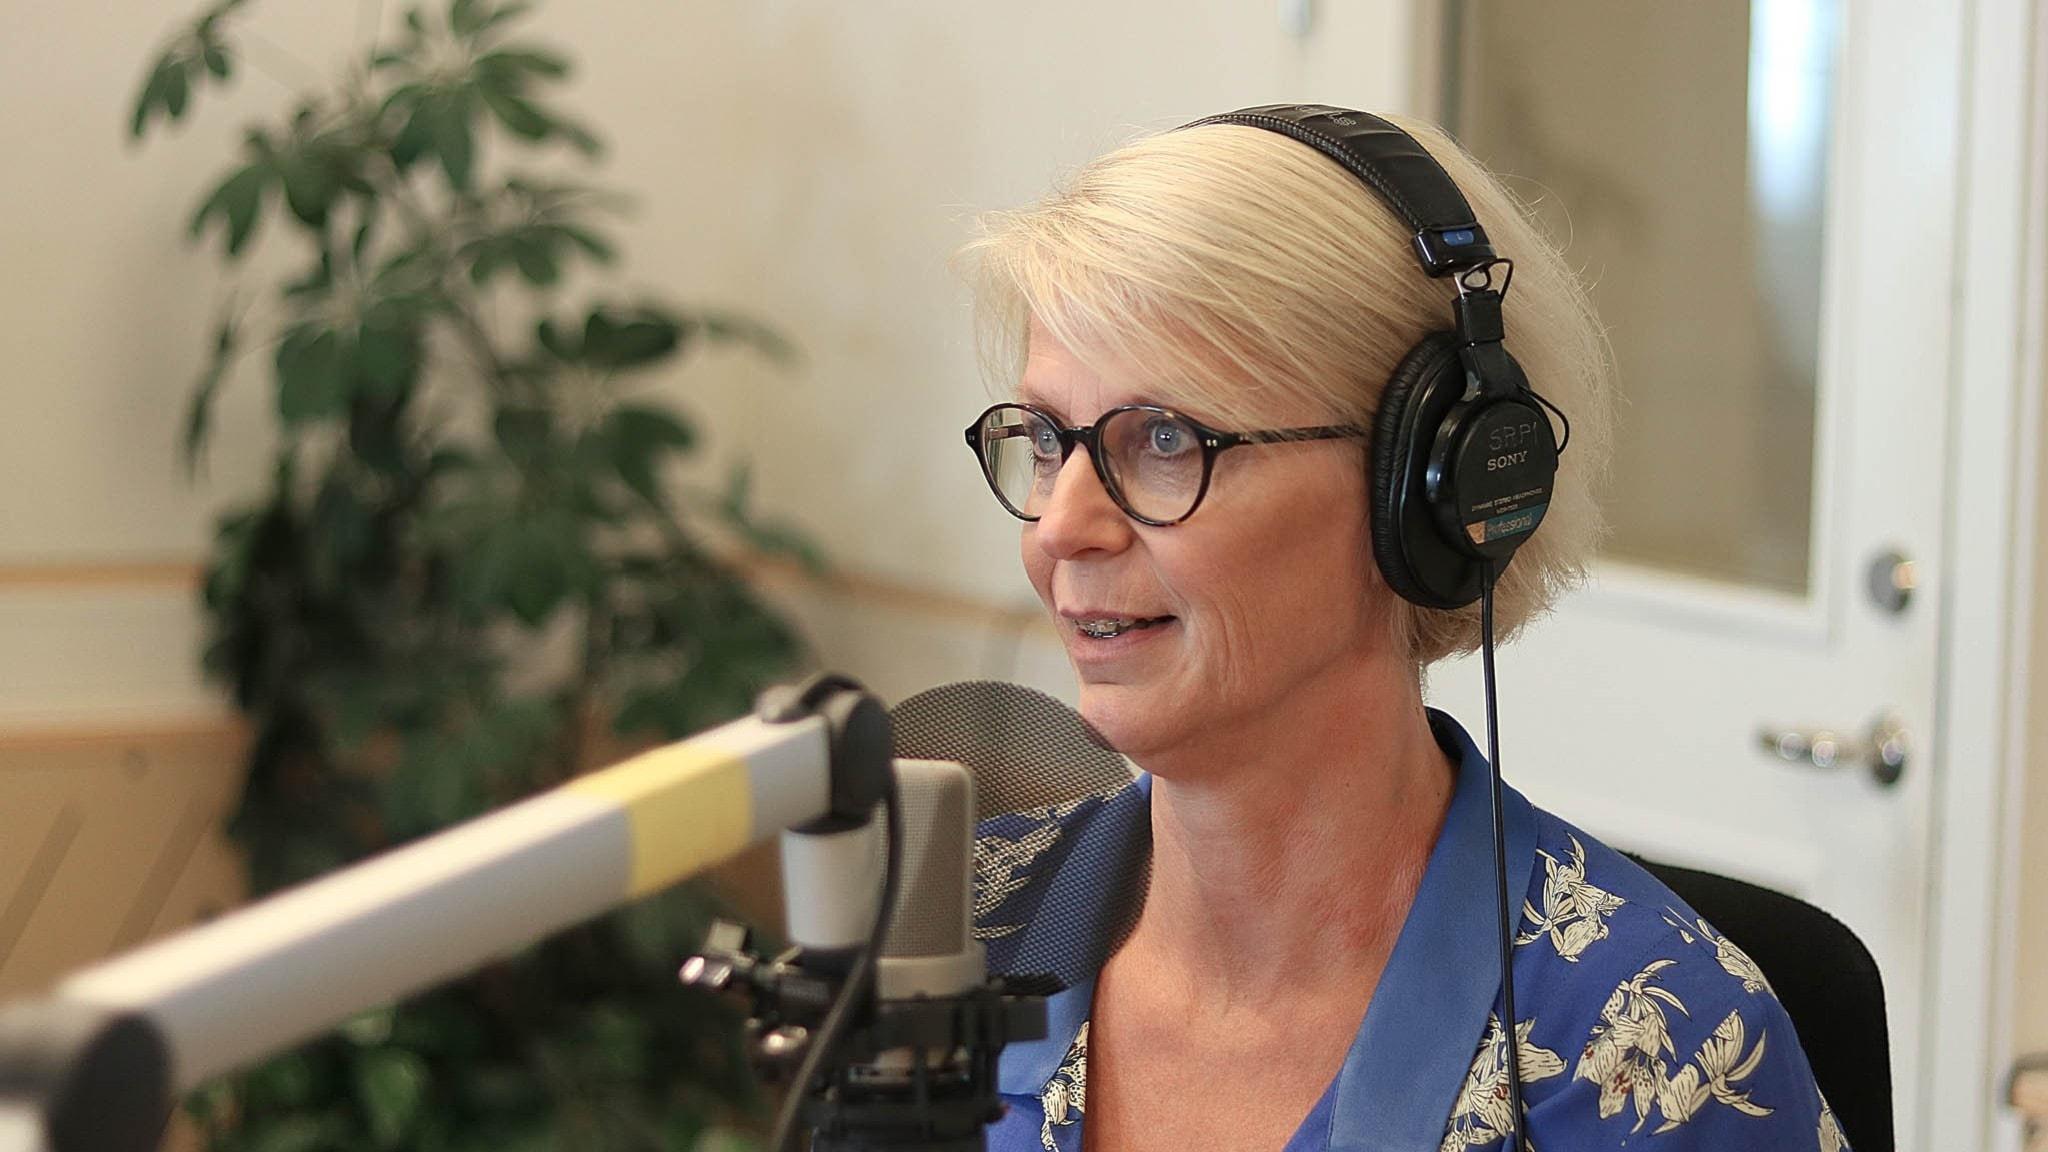 Vad ska (M) göra till nästa val, Elisabeth Svantesson?